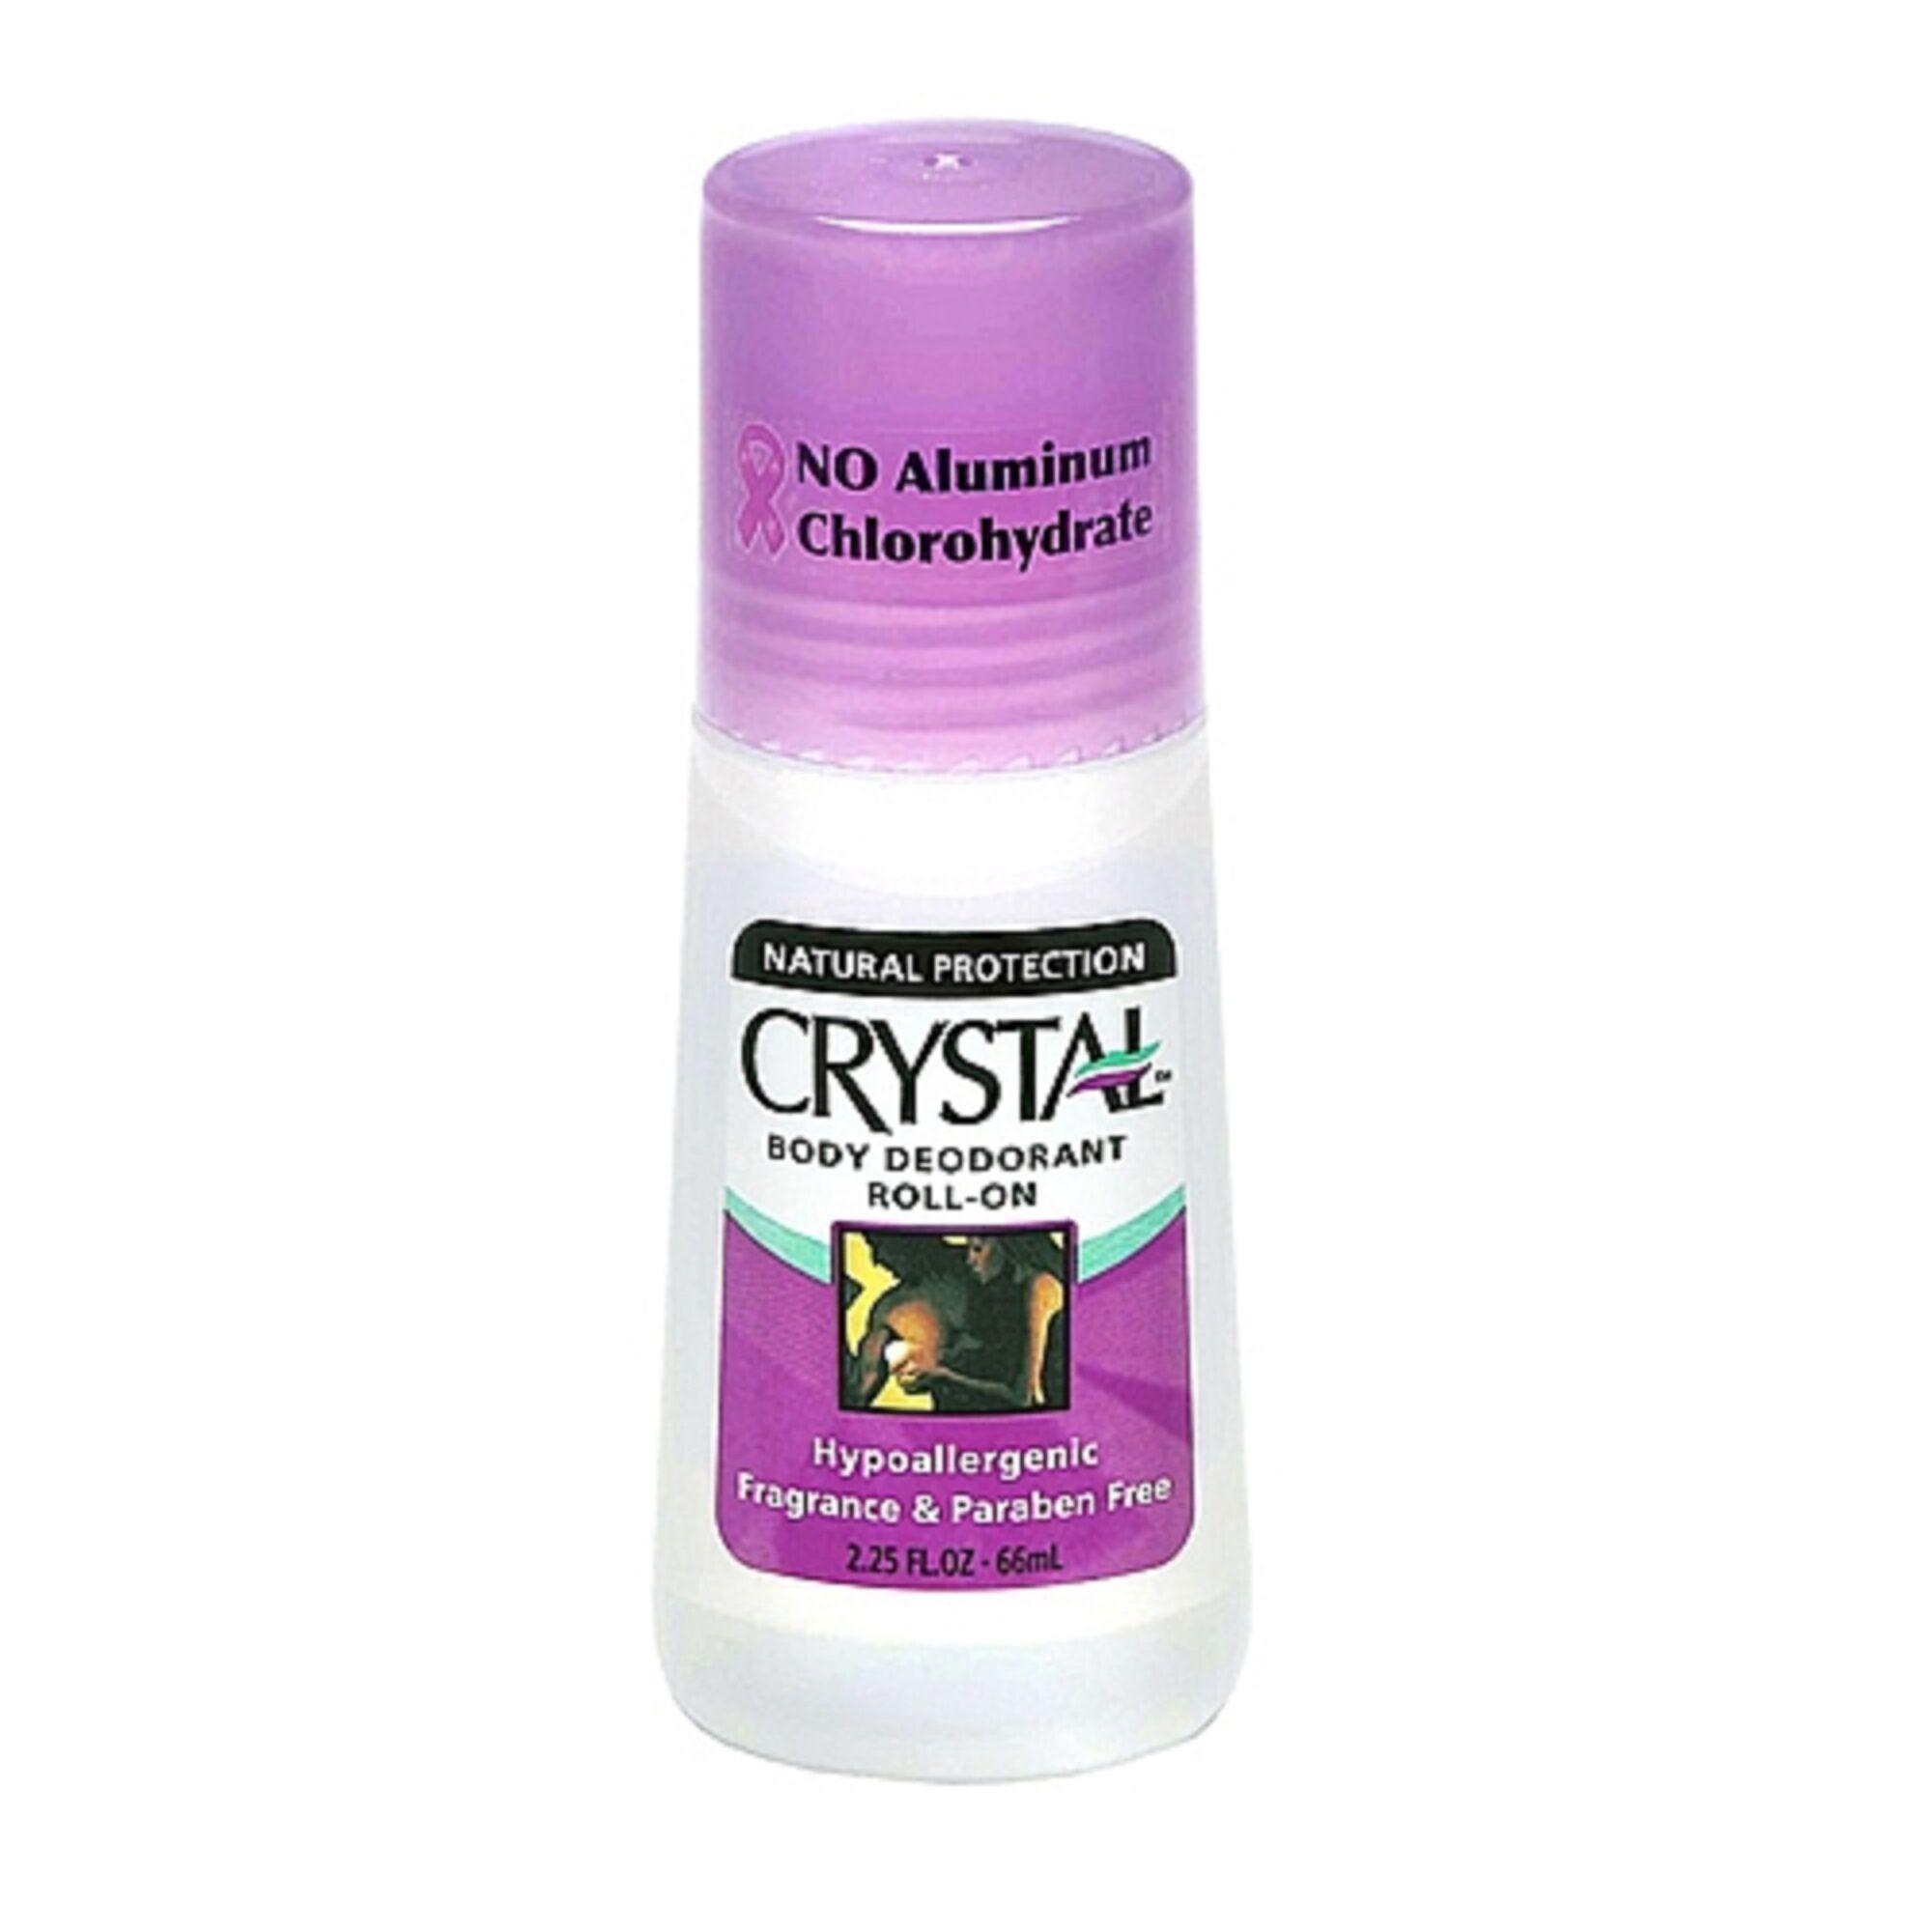 Crystal® Body Deodorant™ Roll-On, 66 ml